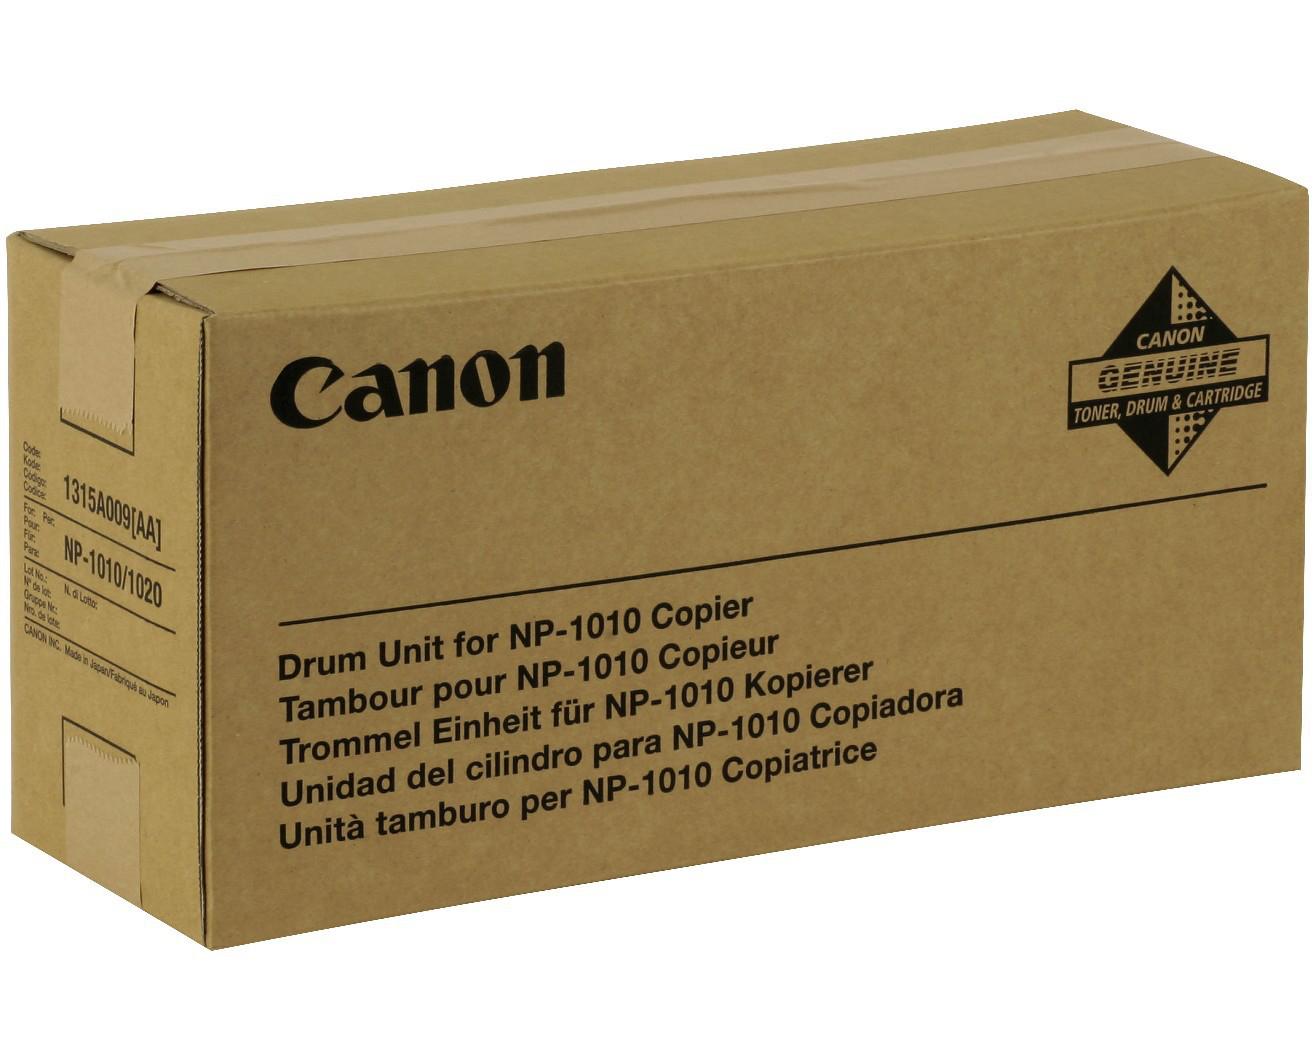 Canon NP1010 Drum Unit 20000pagine tamburo per stampante